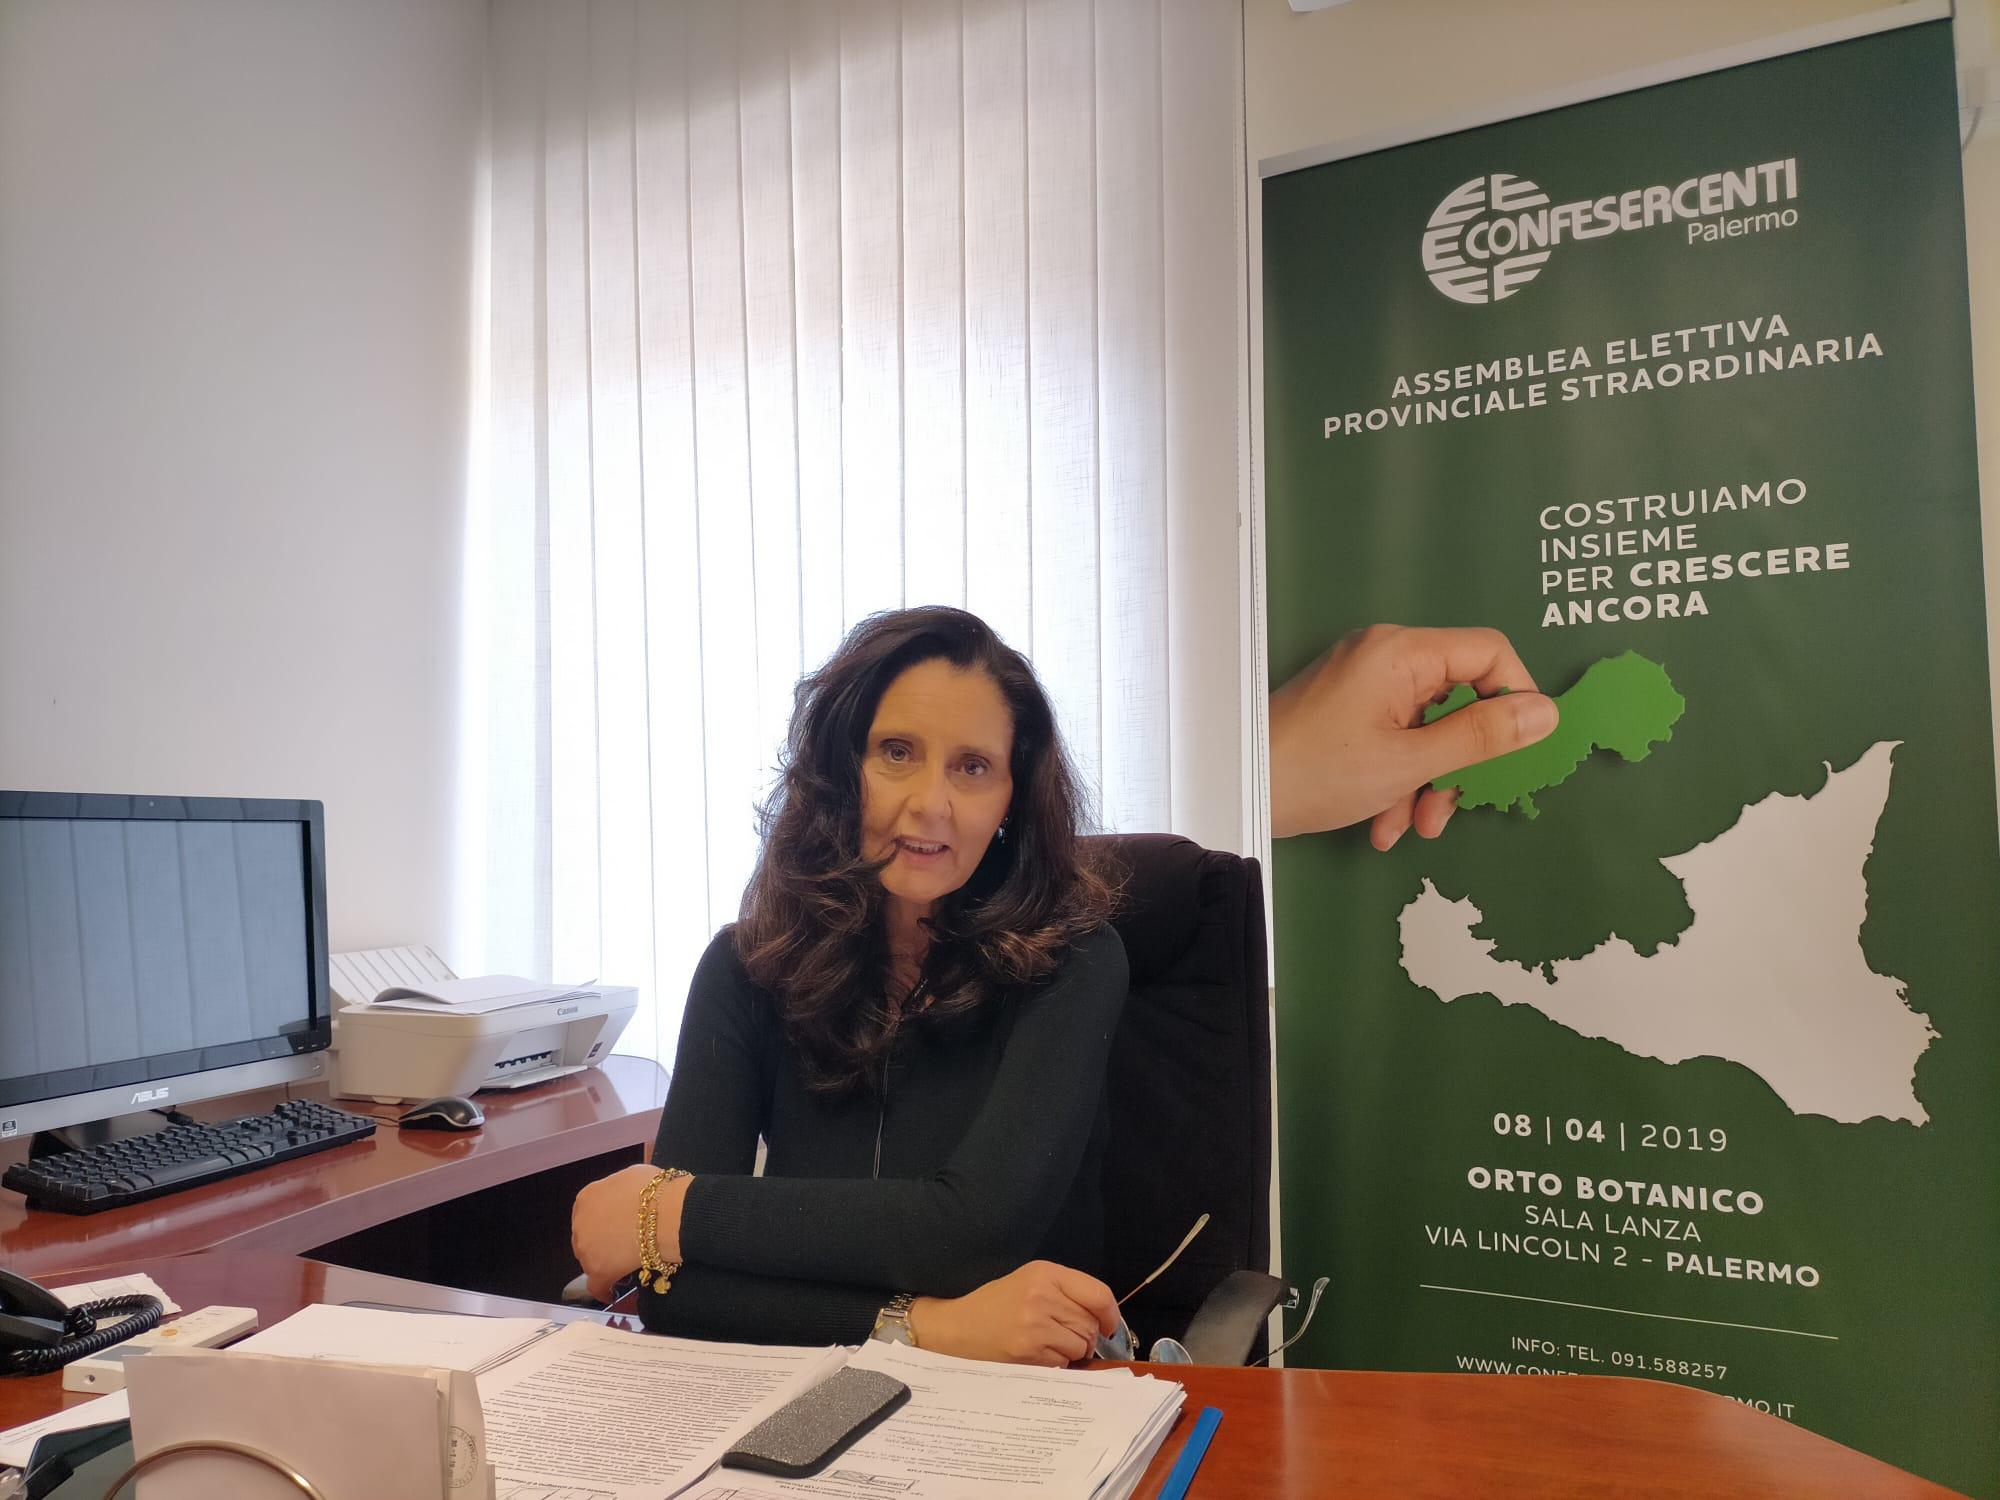 Confesercenti Sicilia, Faib: Francesca Costa riconfermata Presidente. Eletti anche i componenti della Presidenza Regionale